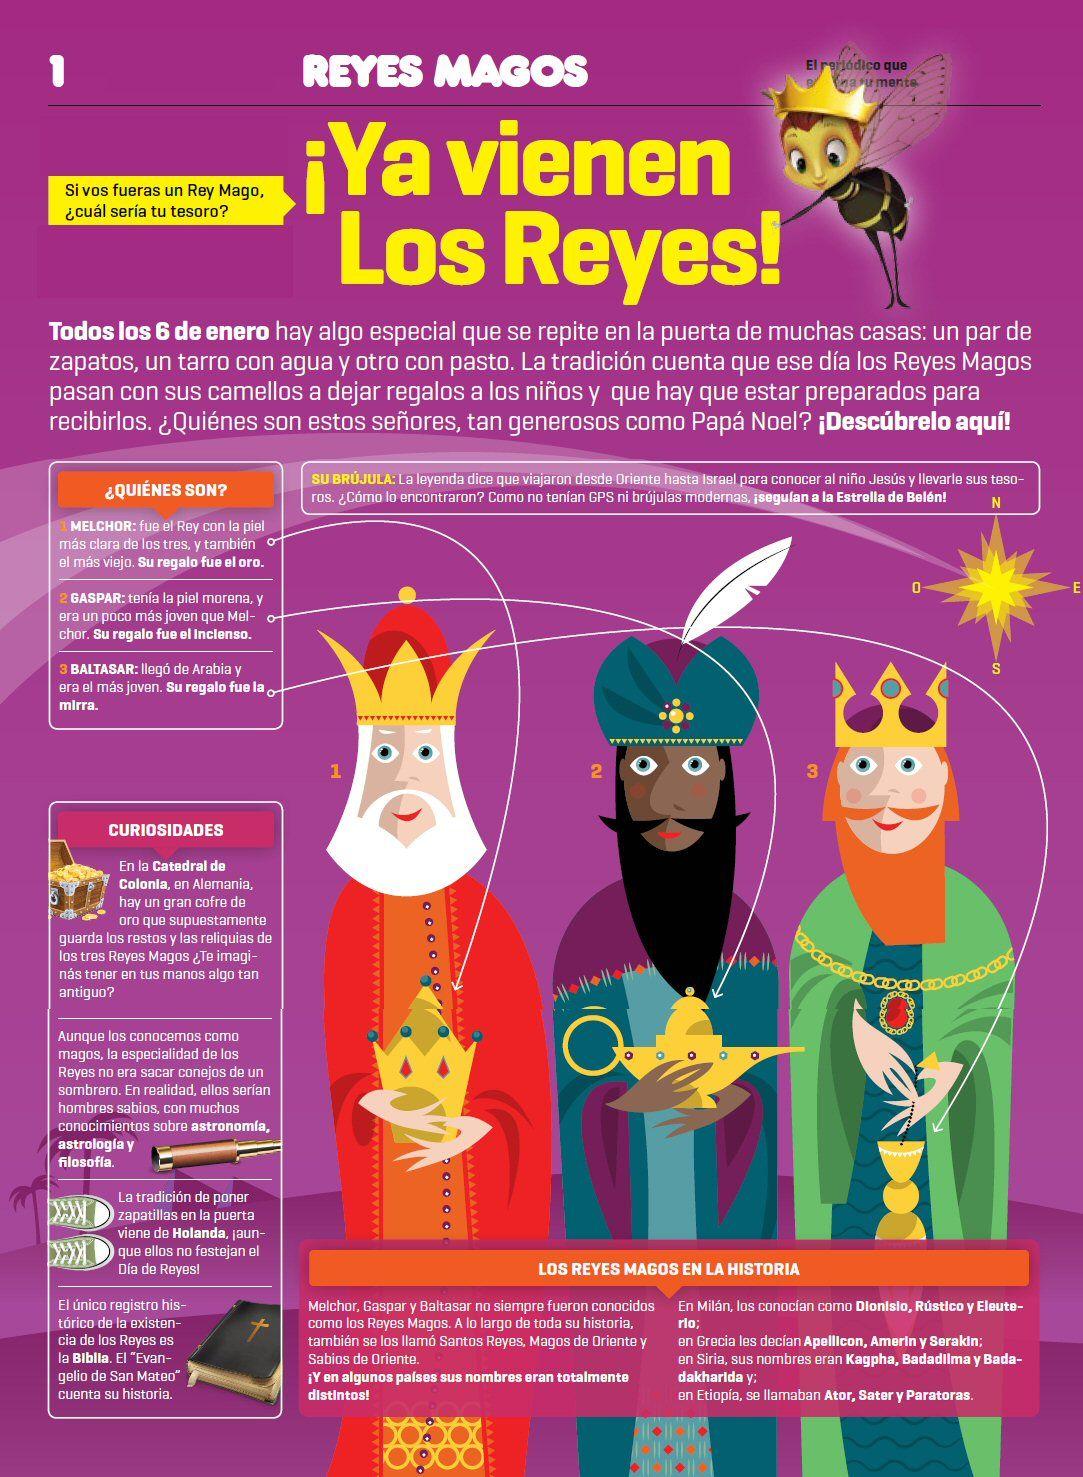 Datos Los Reyes Magos